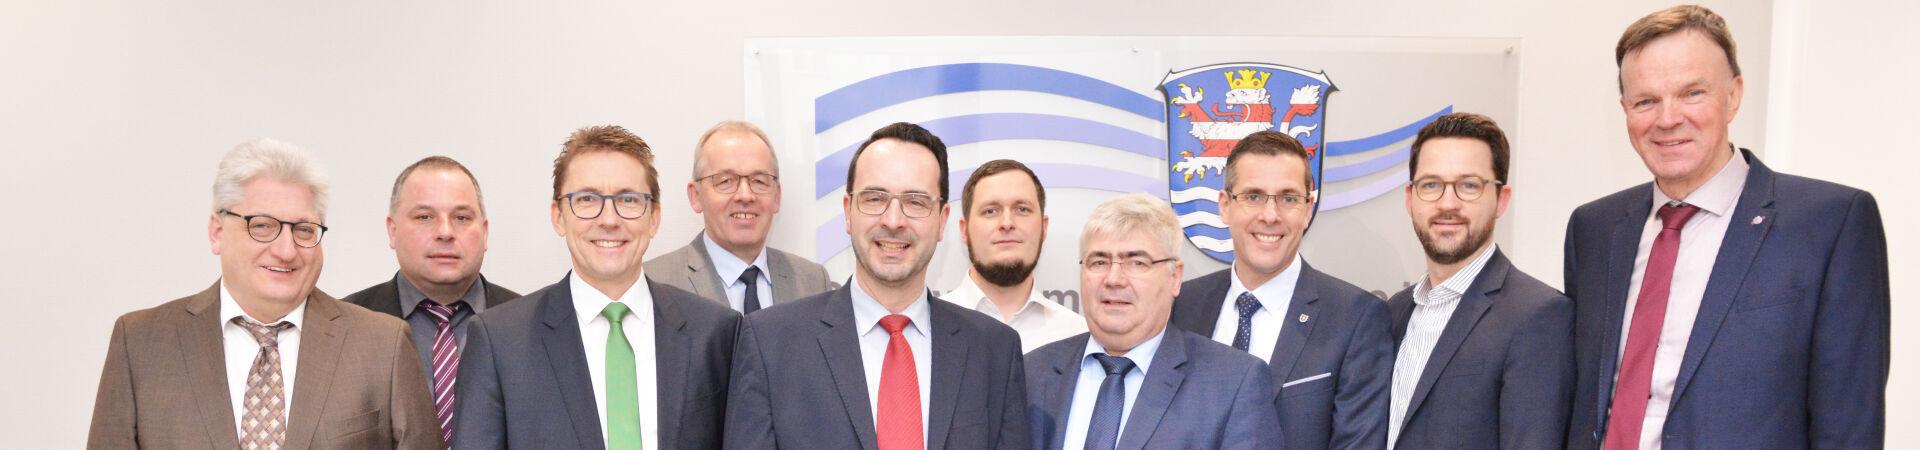 Bürgermeister der VGZ Schwalm